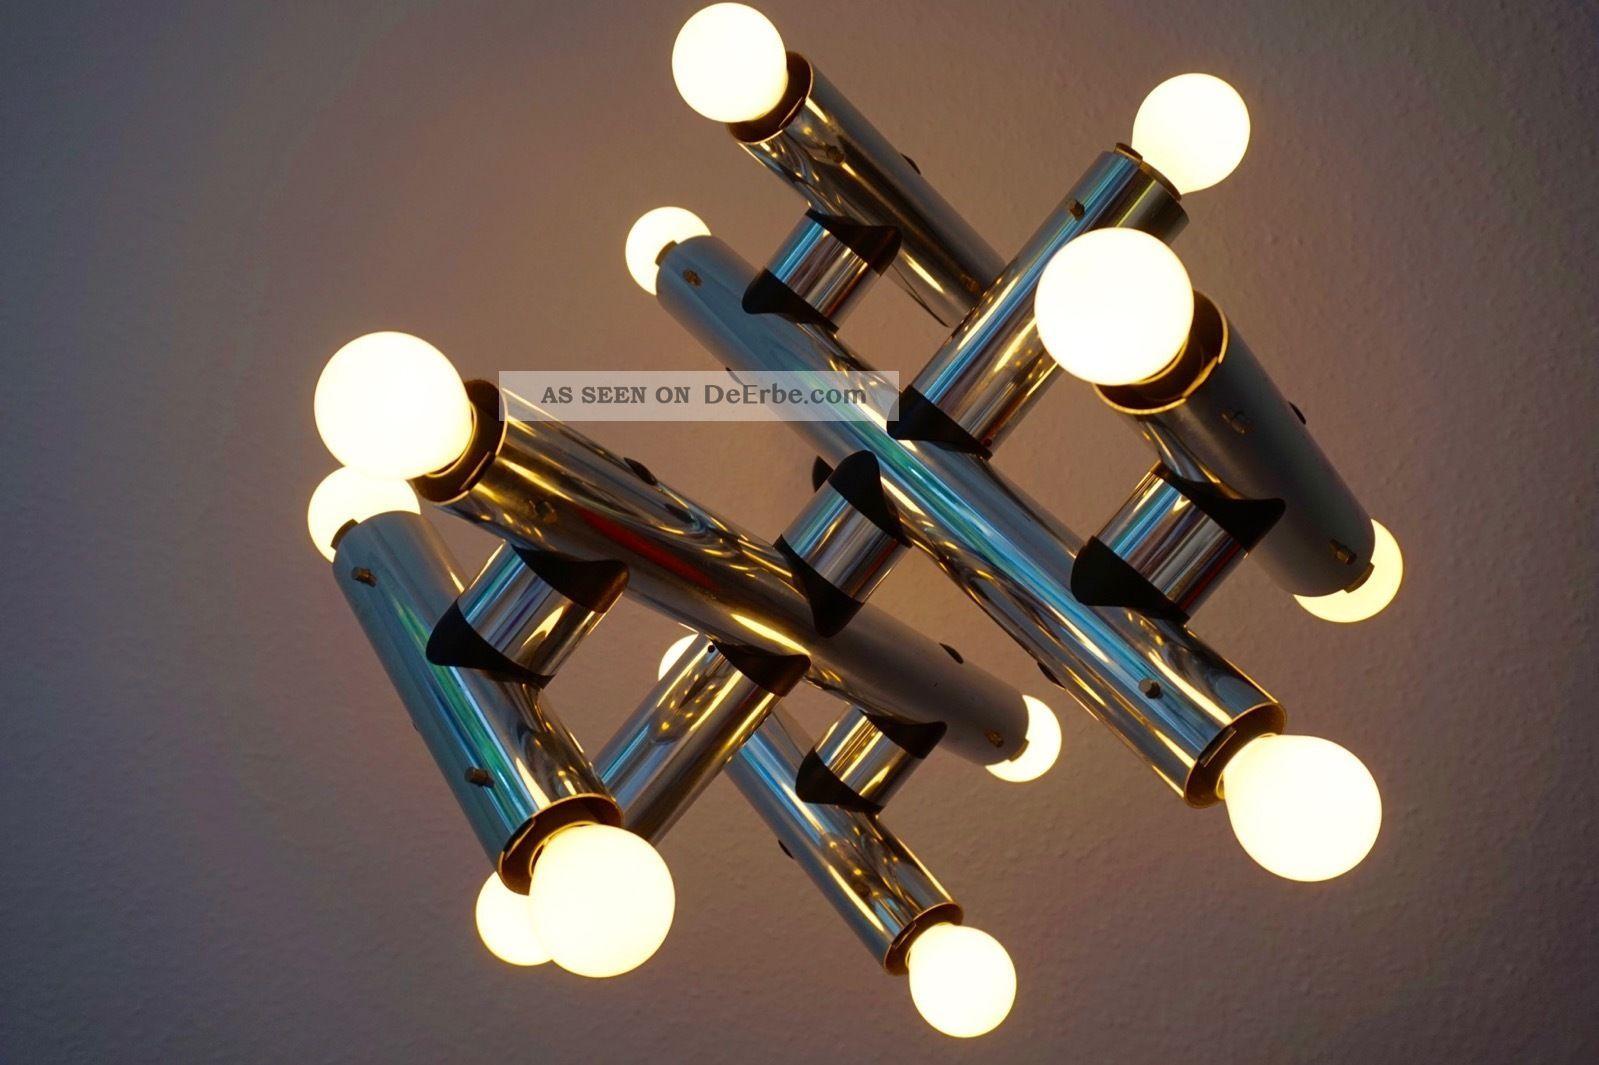 Edle Chrom Sputnik Objekt Industrie Design Lampe 14 Birnen Orbit Panton 70er 1970-1979 Bild